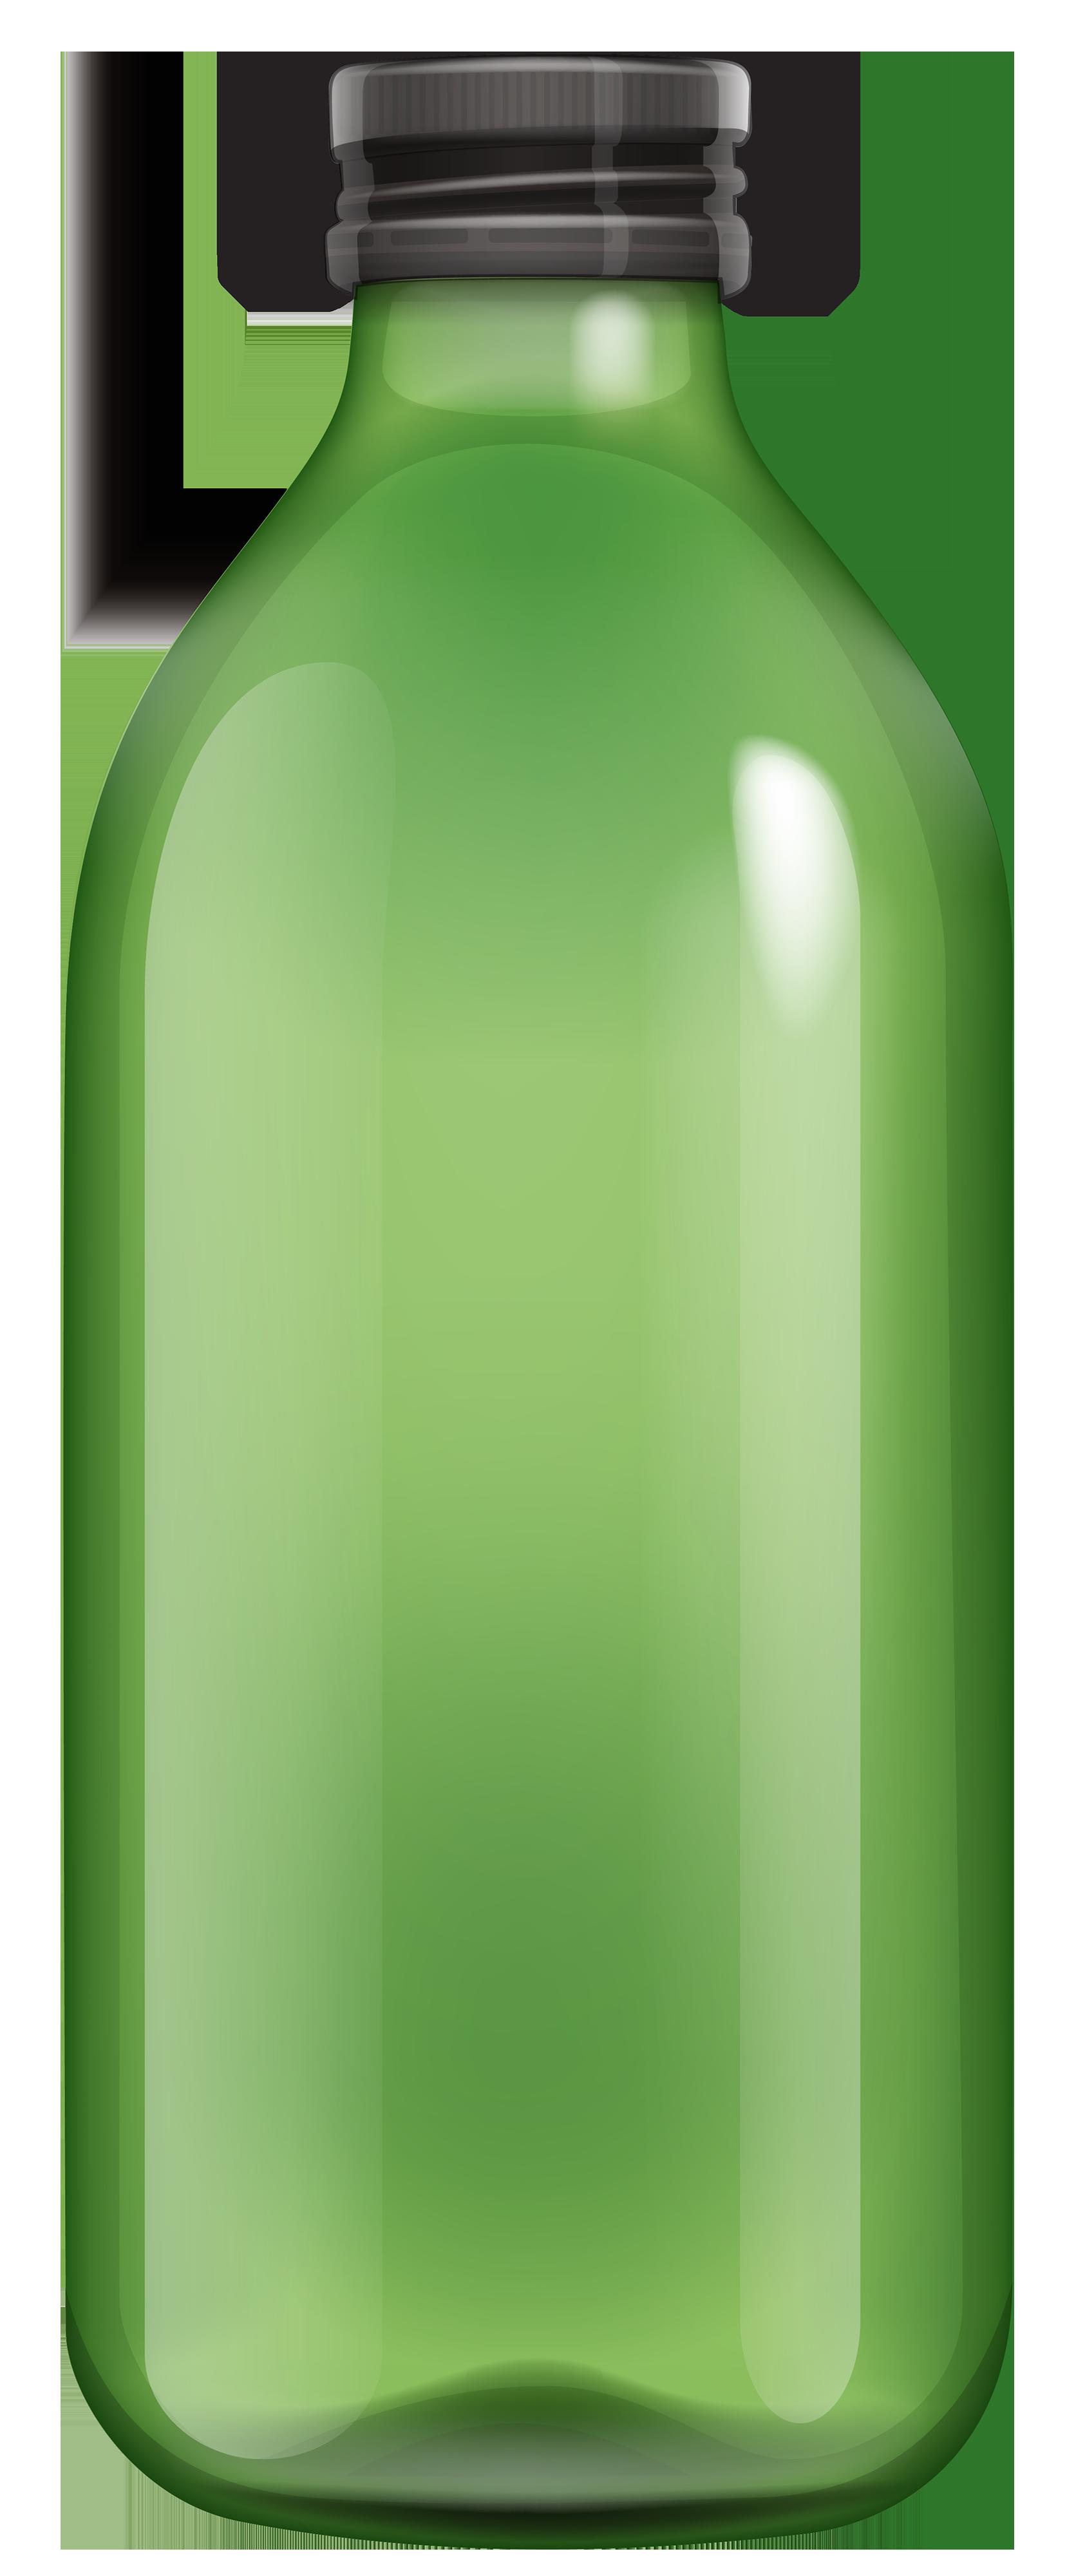 Bottle PNG - 24028